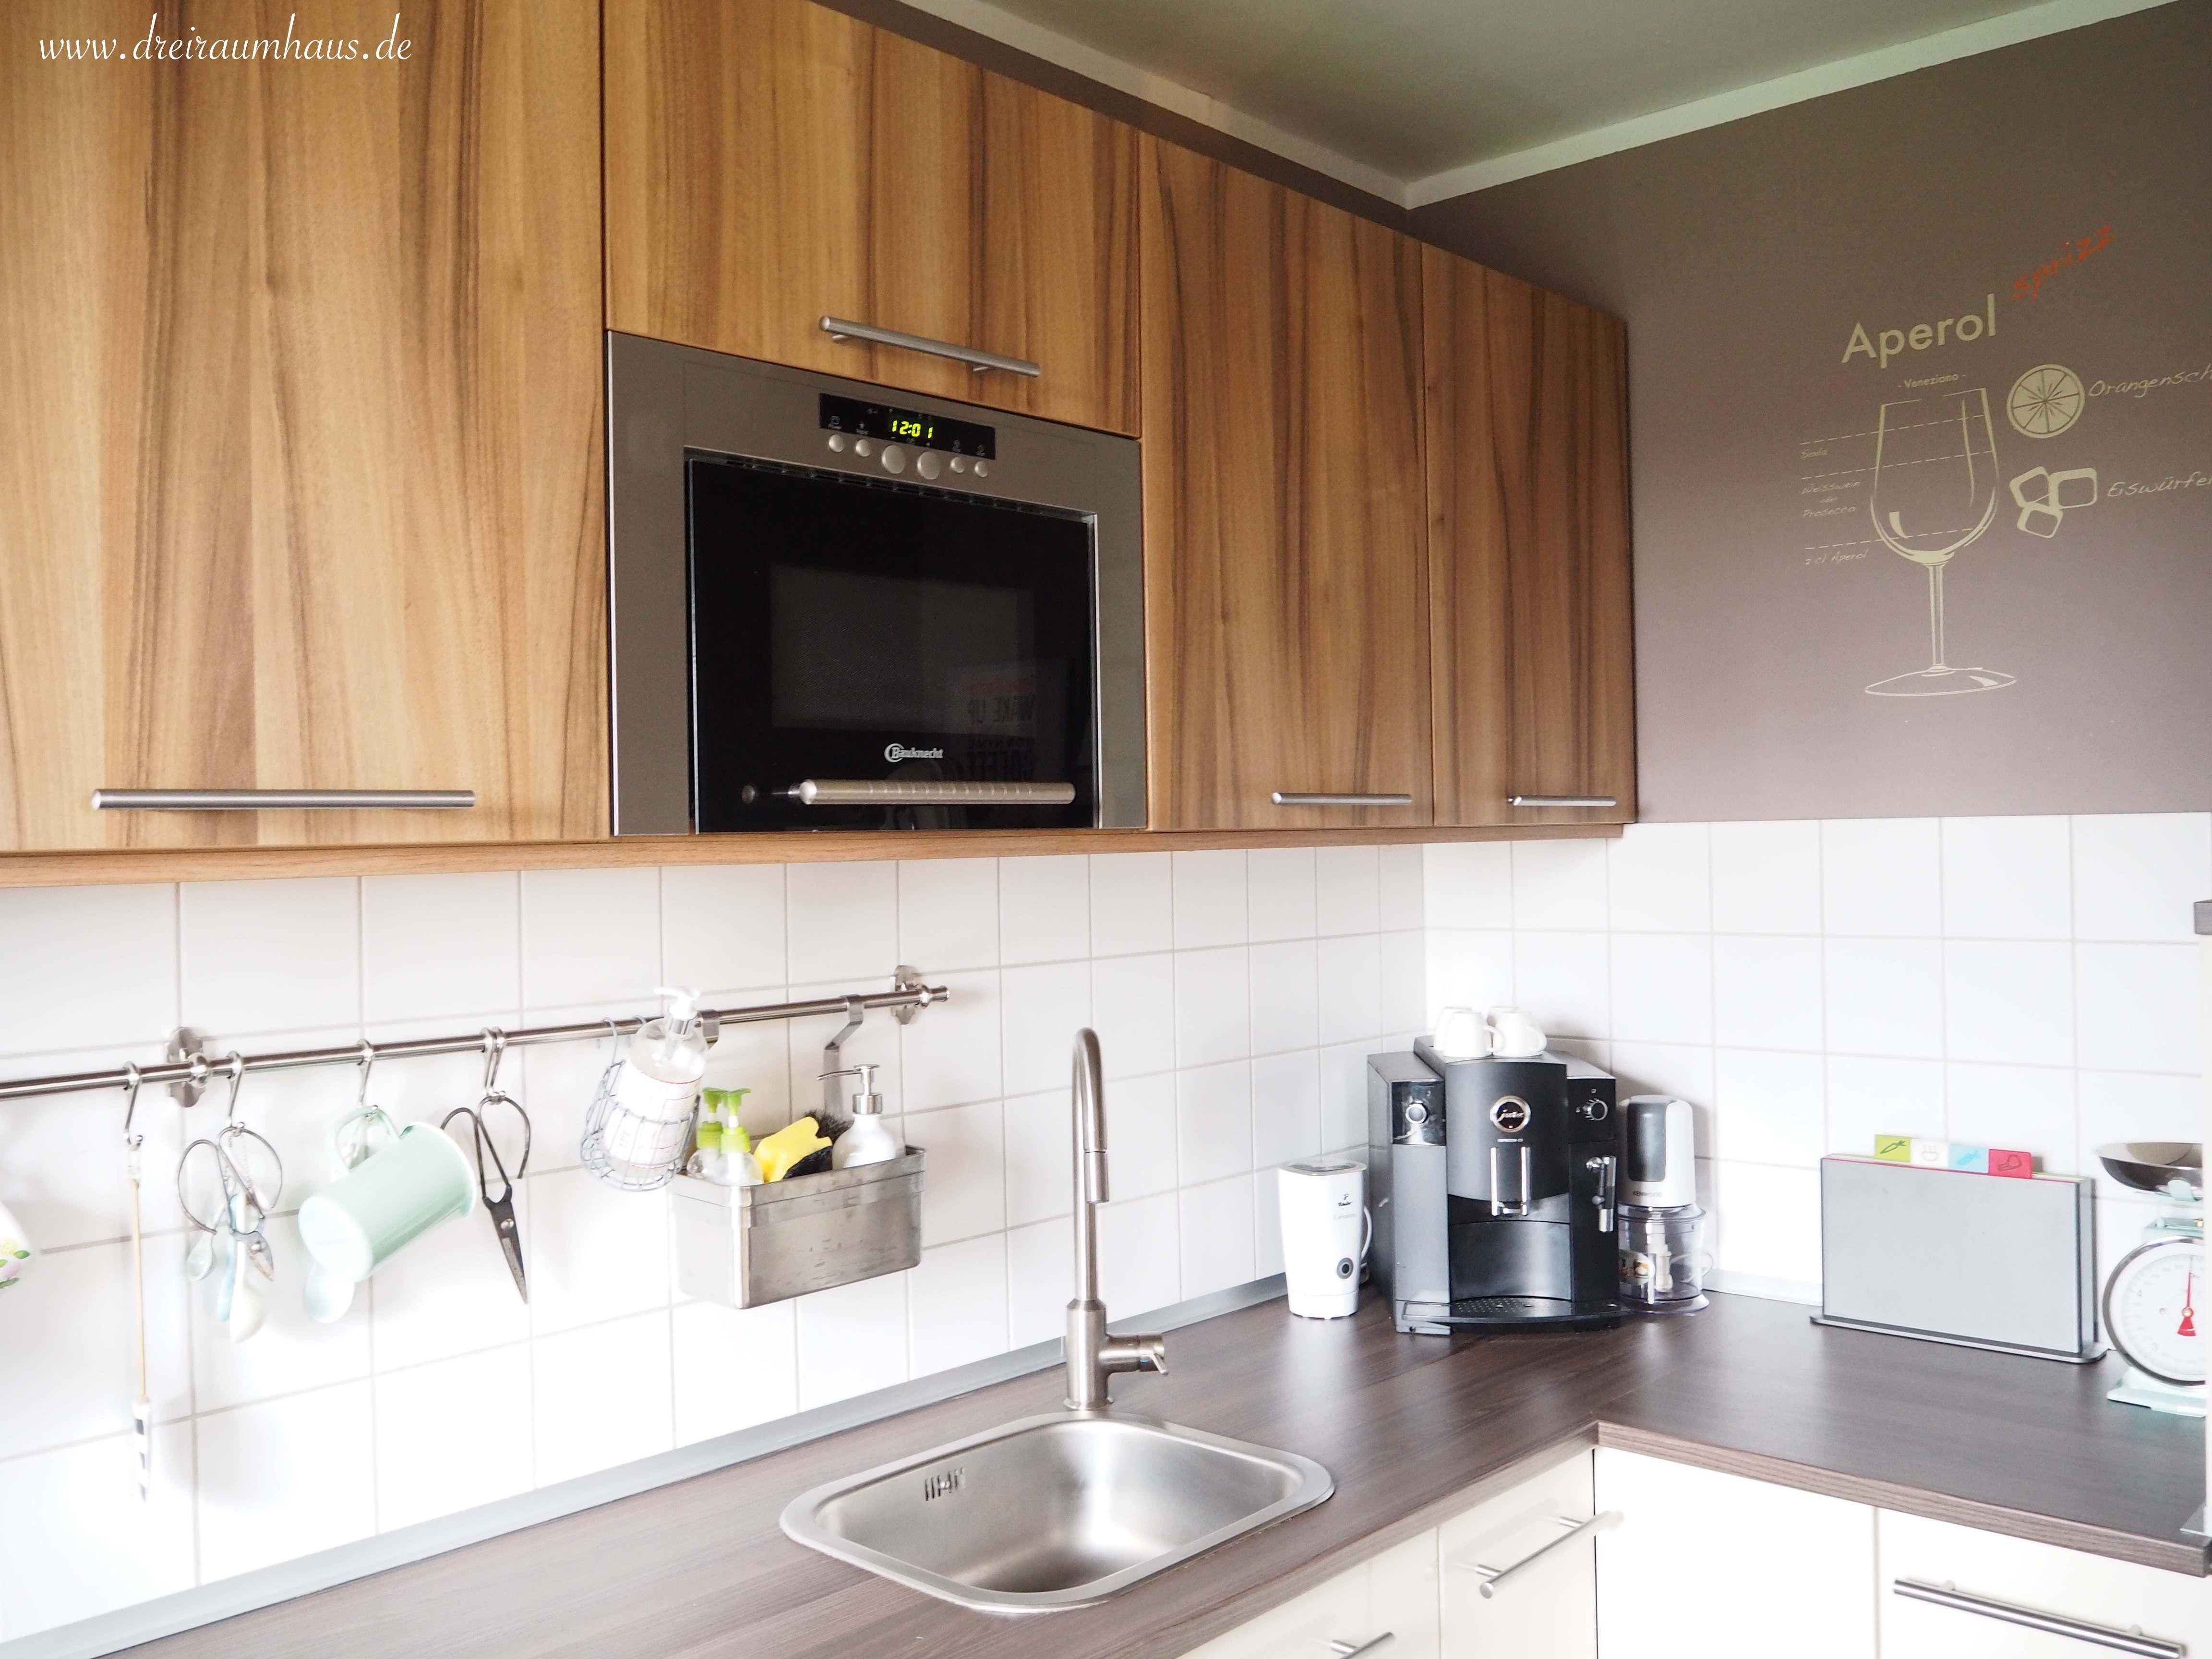 Lieferzeit Küche Ikea Best Of Ikea Metod Eine Neue Küche In 17